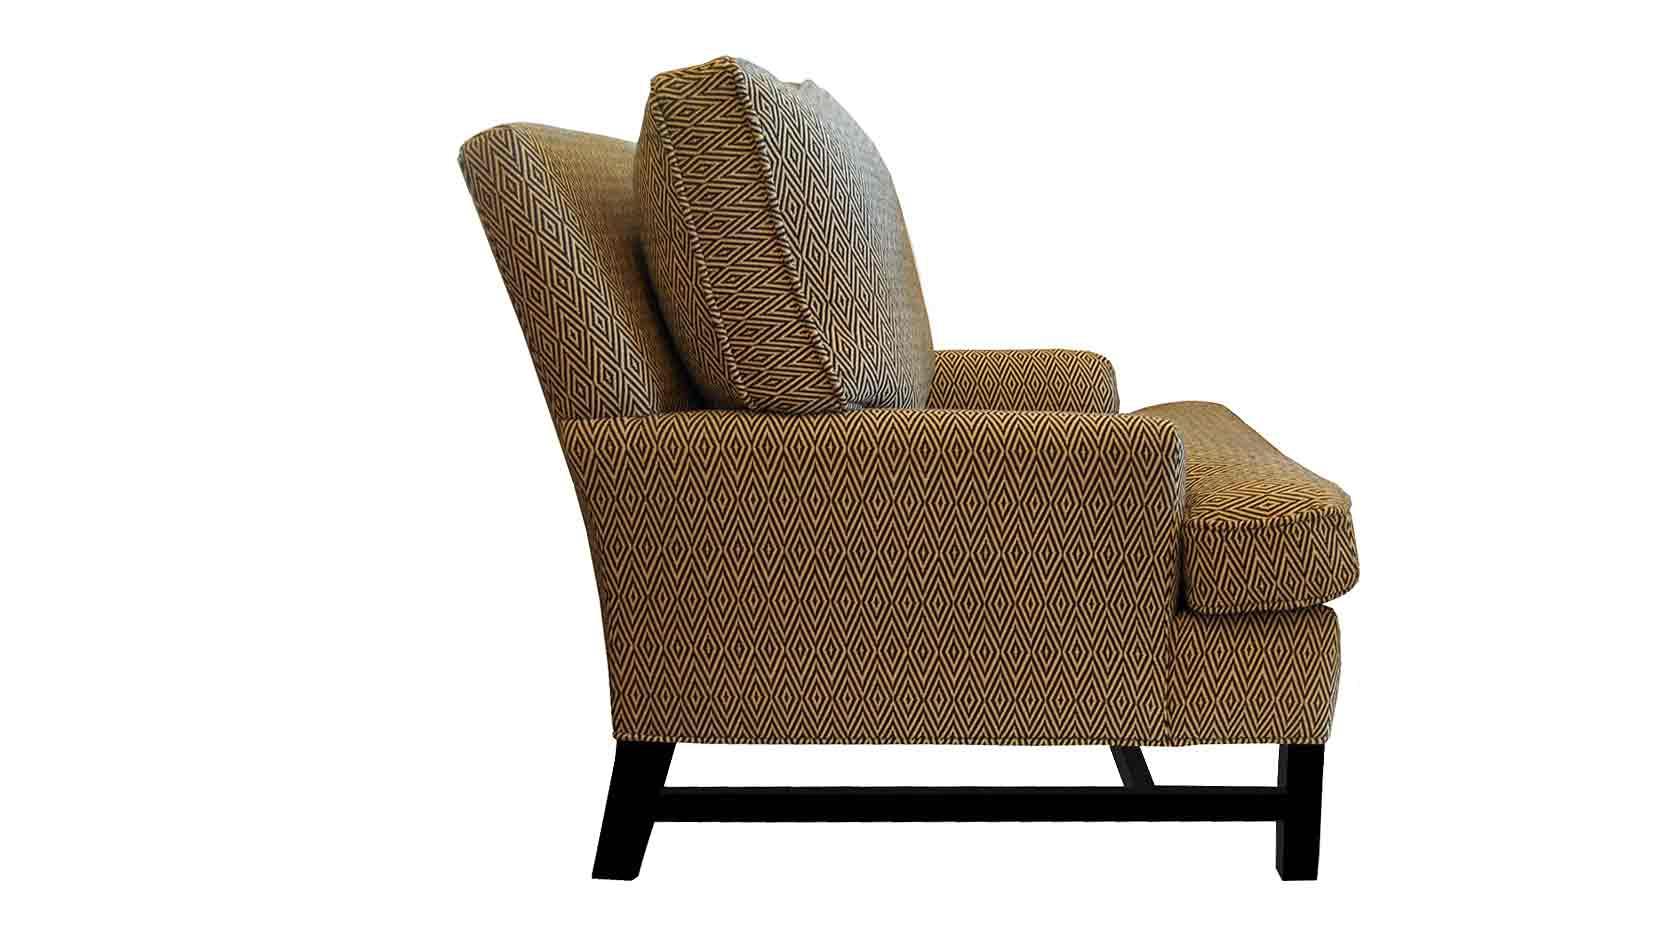 marlborough chair